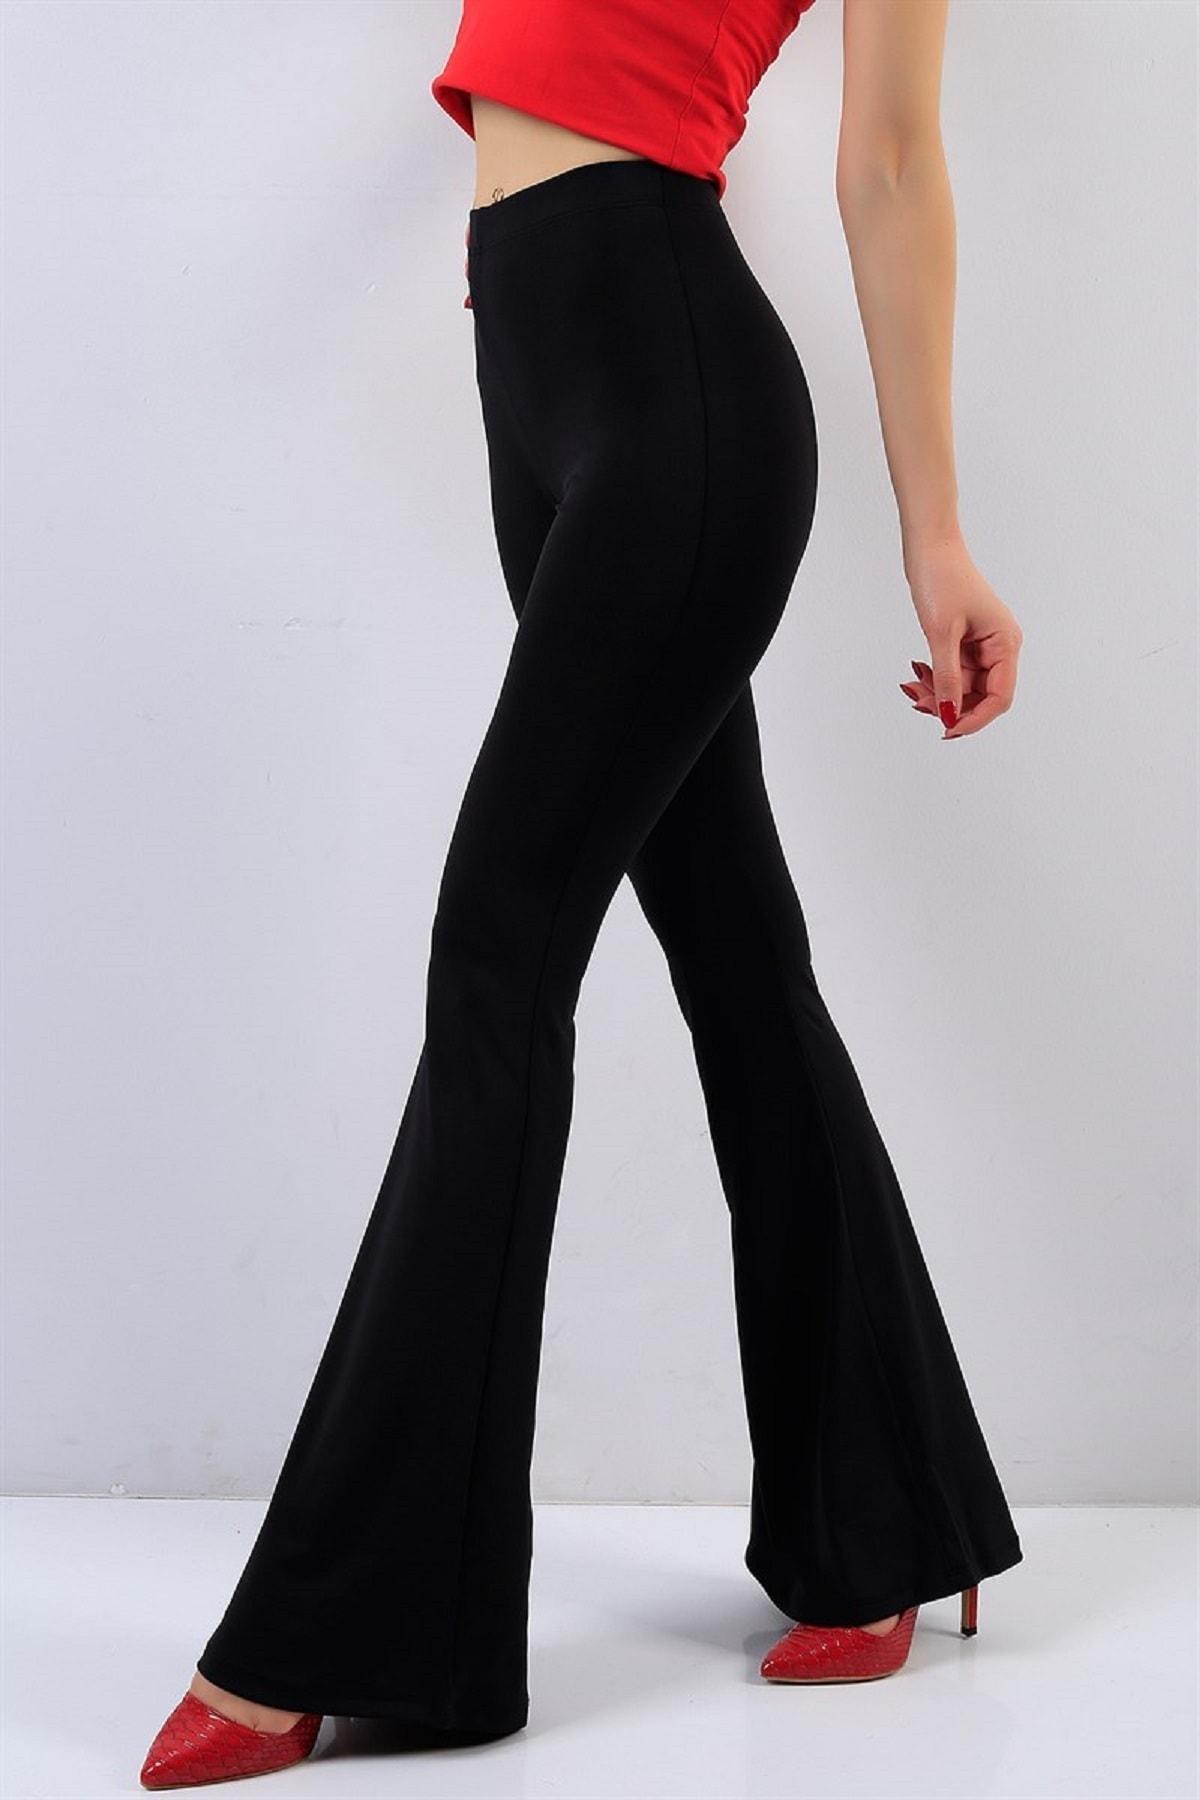 Kadın Siyah Esnek Krep Kumaş İspanyol Paça Yüksek Bel Pantolon